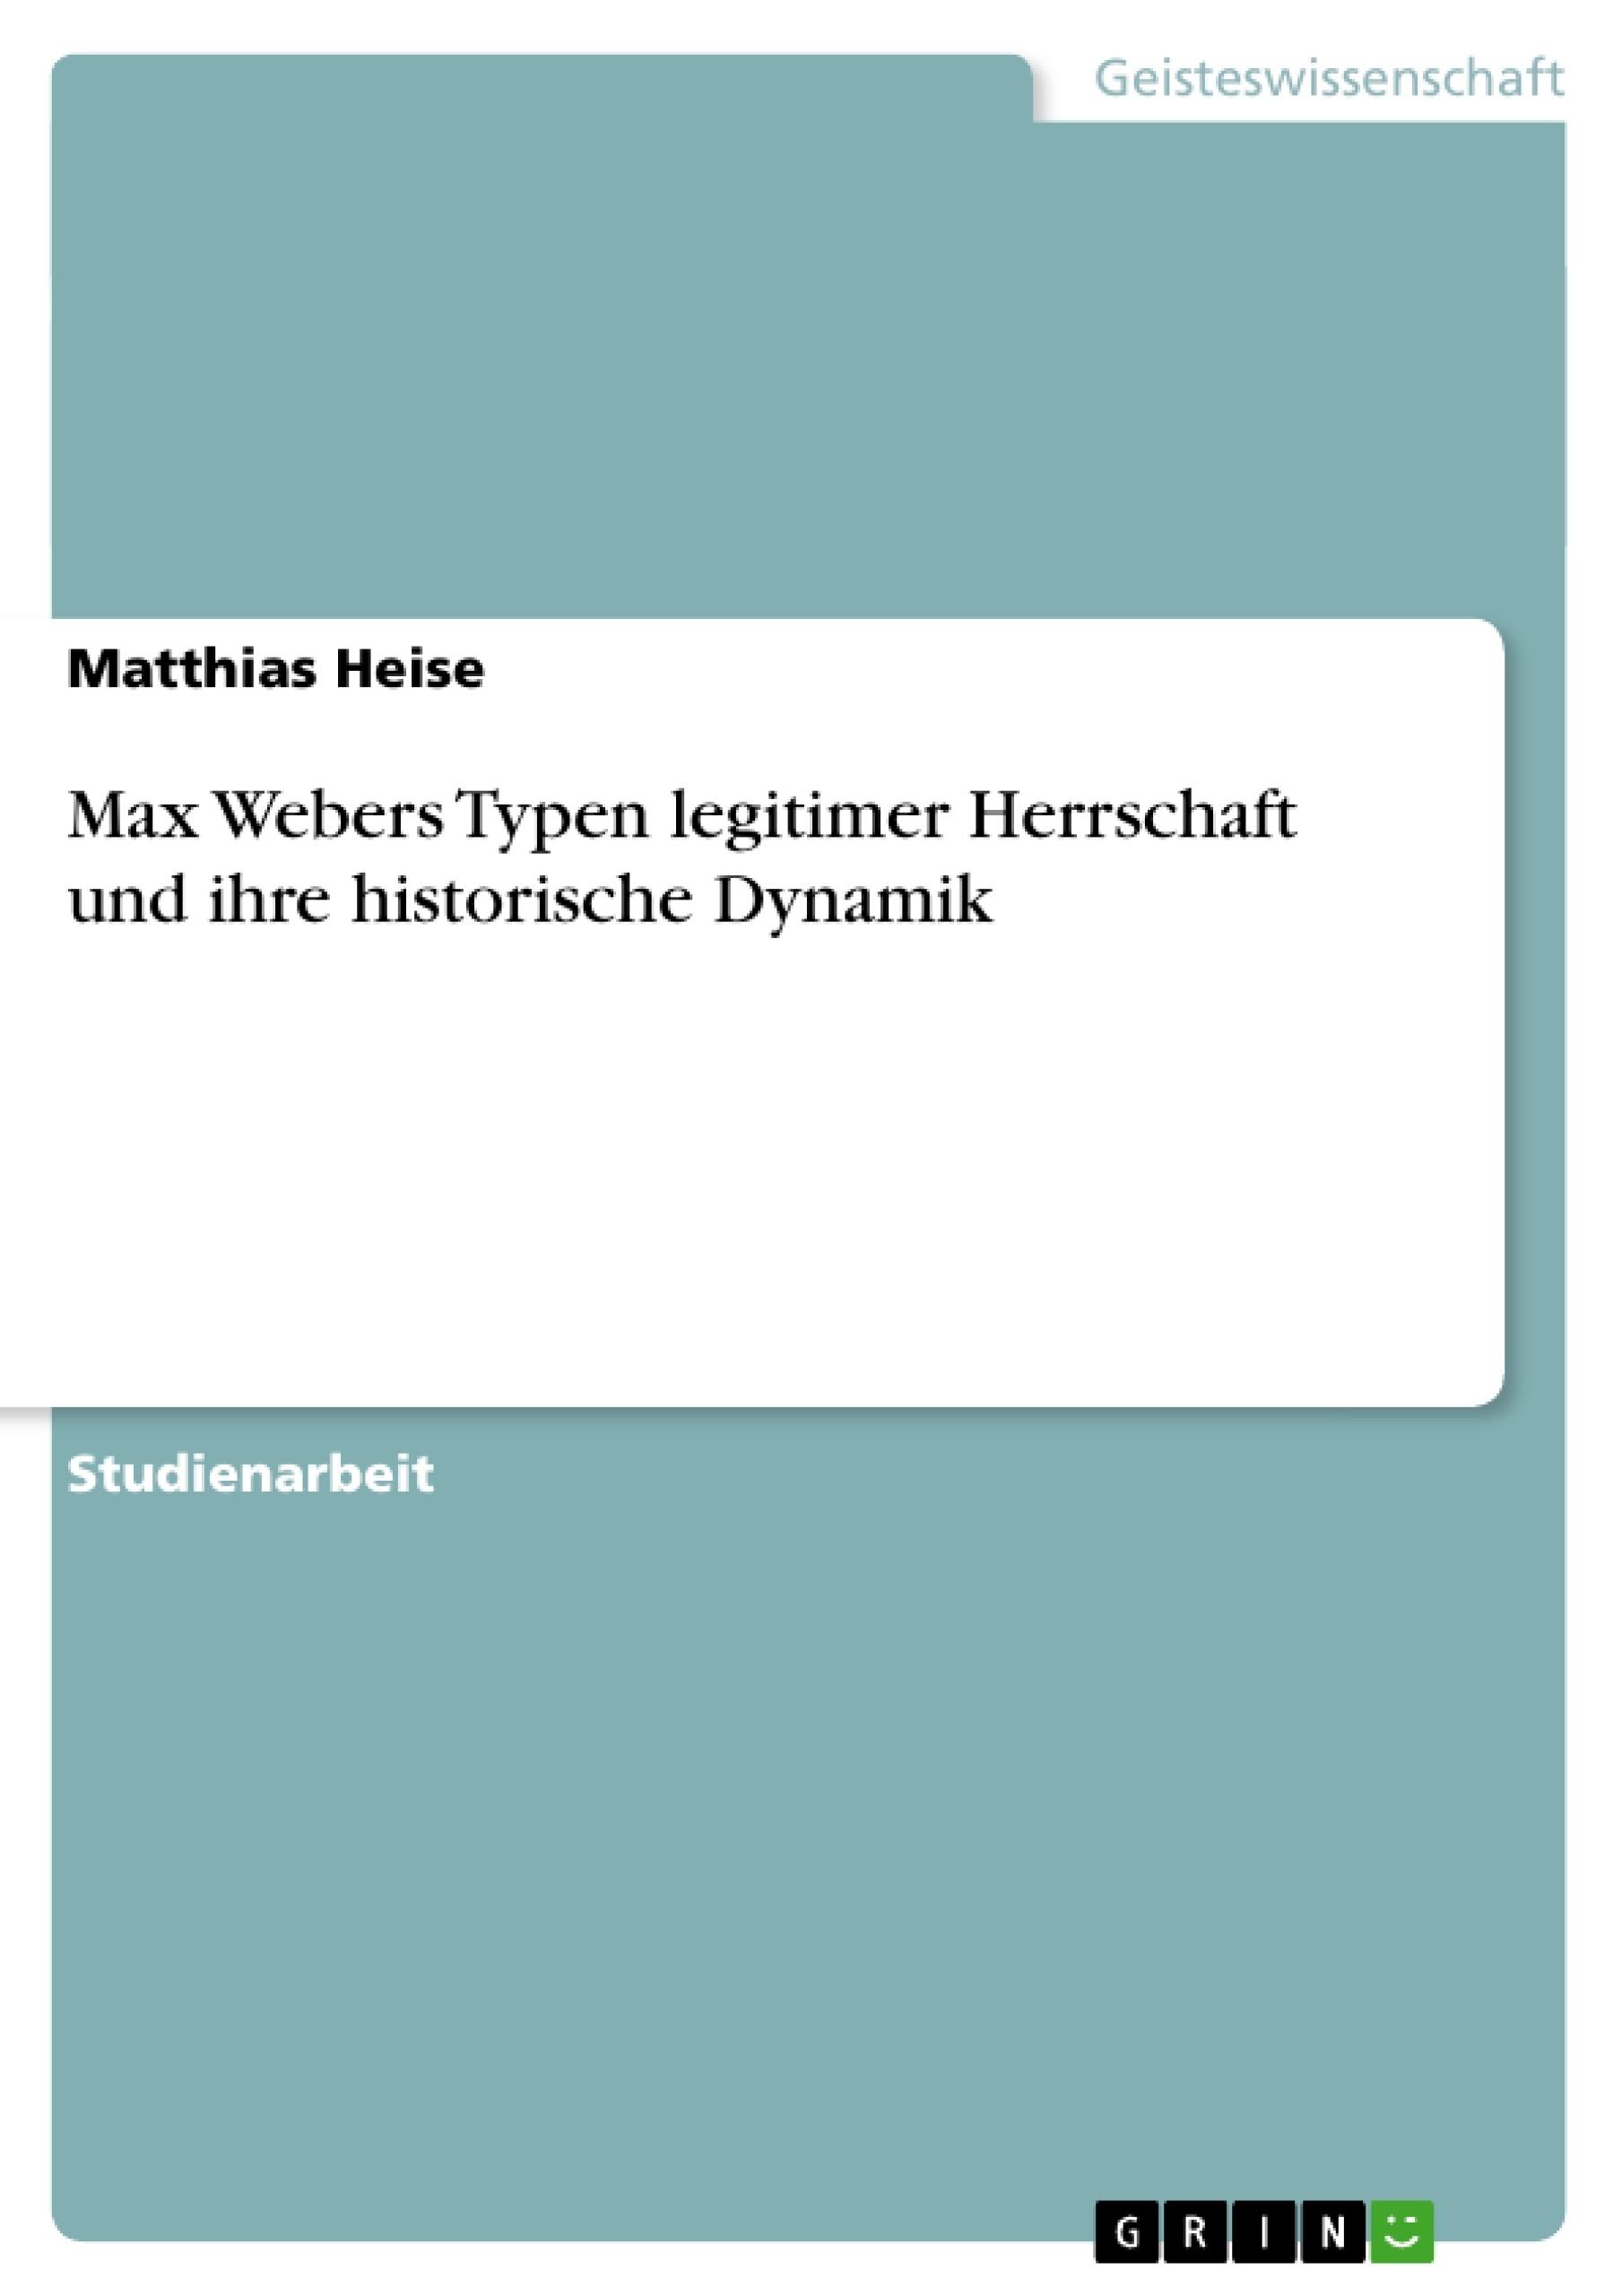 Titel: Max Webers Typen legitimer Herrschaft und ihre historische Dynamik